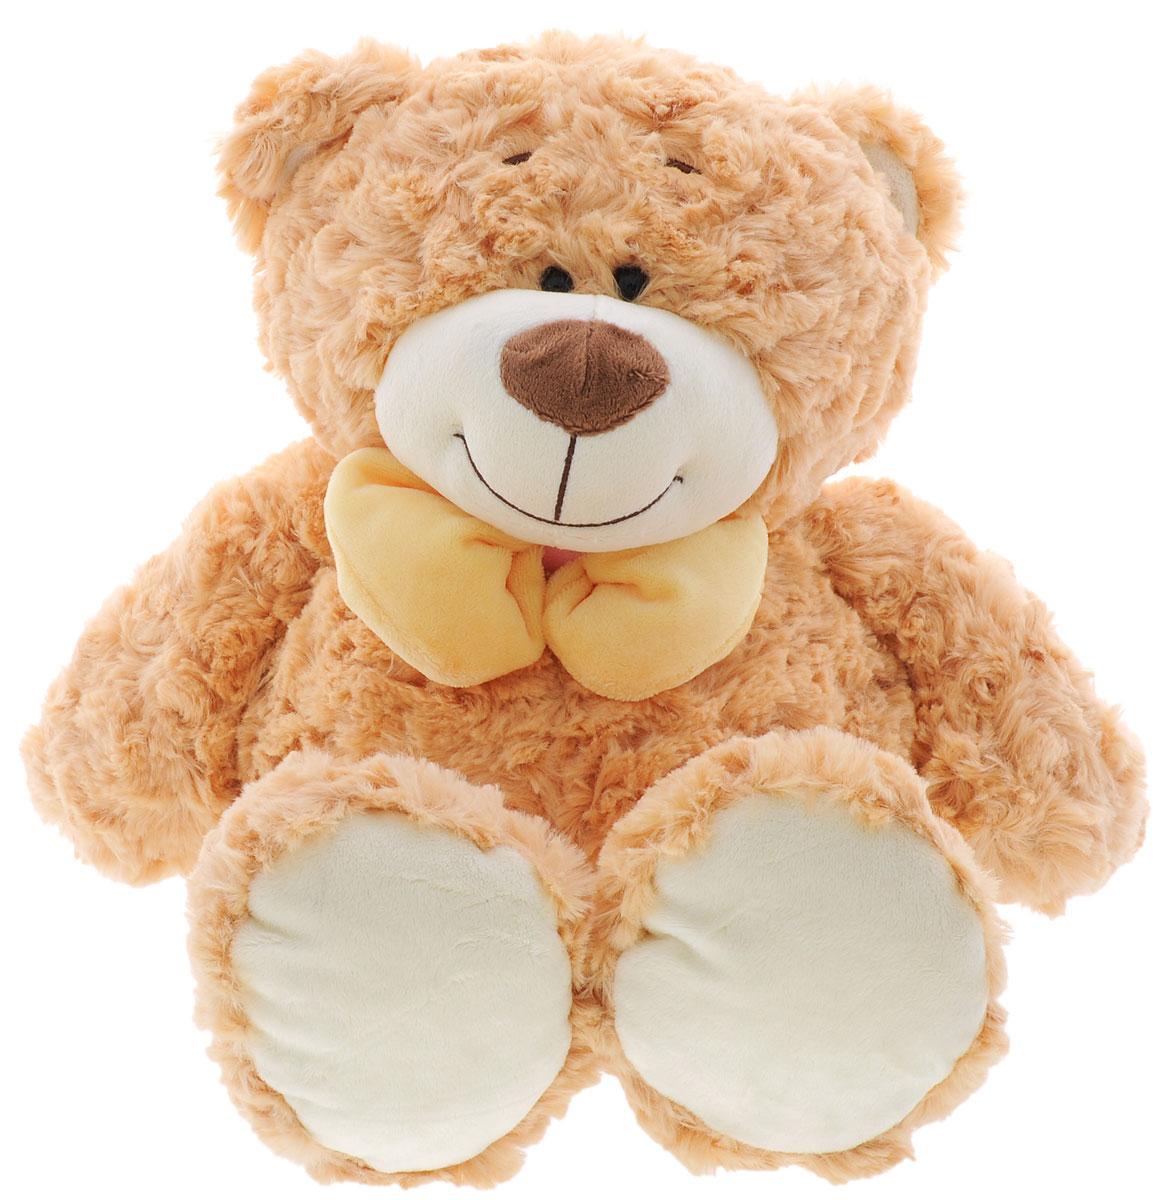 Plush Apple Мягкая игрушка Медведь с бантом цвет бежевый 39 смK71244A,А1_бежевыйИгрушка Plush Apple Медведь с бантом, выполненная в виде медвежонка с бантиком желтого цвета на шее, очарует не только ребенка, но и взрослого. Игрушка изготовлена из искусственного меха и текстильных материалов с элементами из пластика. В качестве набивки используются синтетические волокна, пластмассовые гранулы. Плюшевая игрушка Plush Apple Медведь с бантом поможет любому человеку выразить свои чувства и преподнести незабываемый, оригинальный подарок своим близким и любимым.